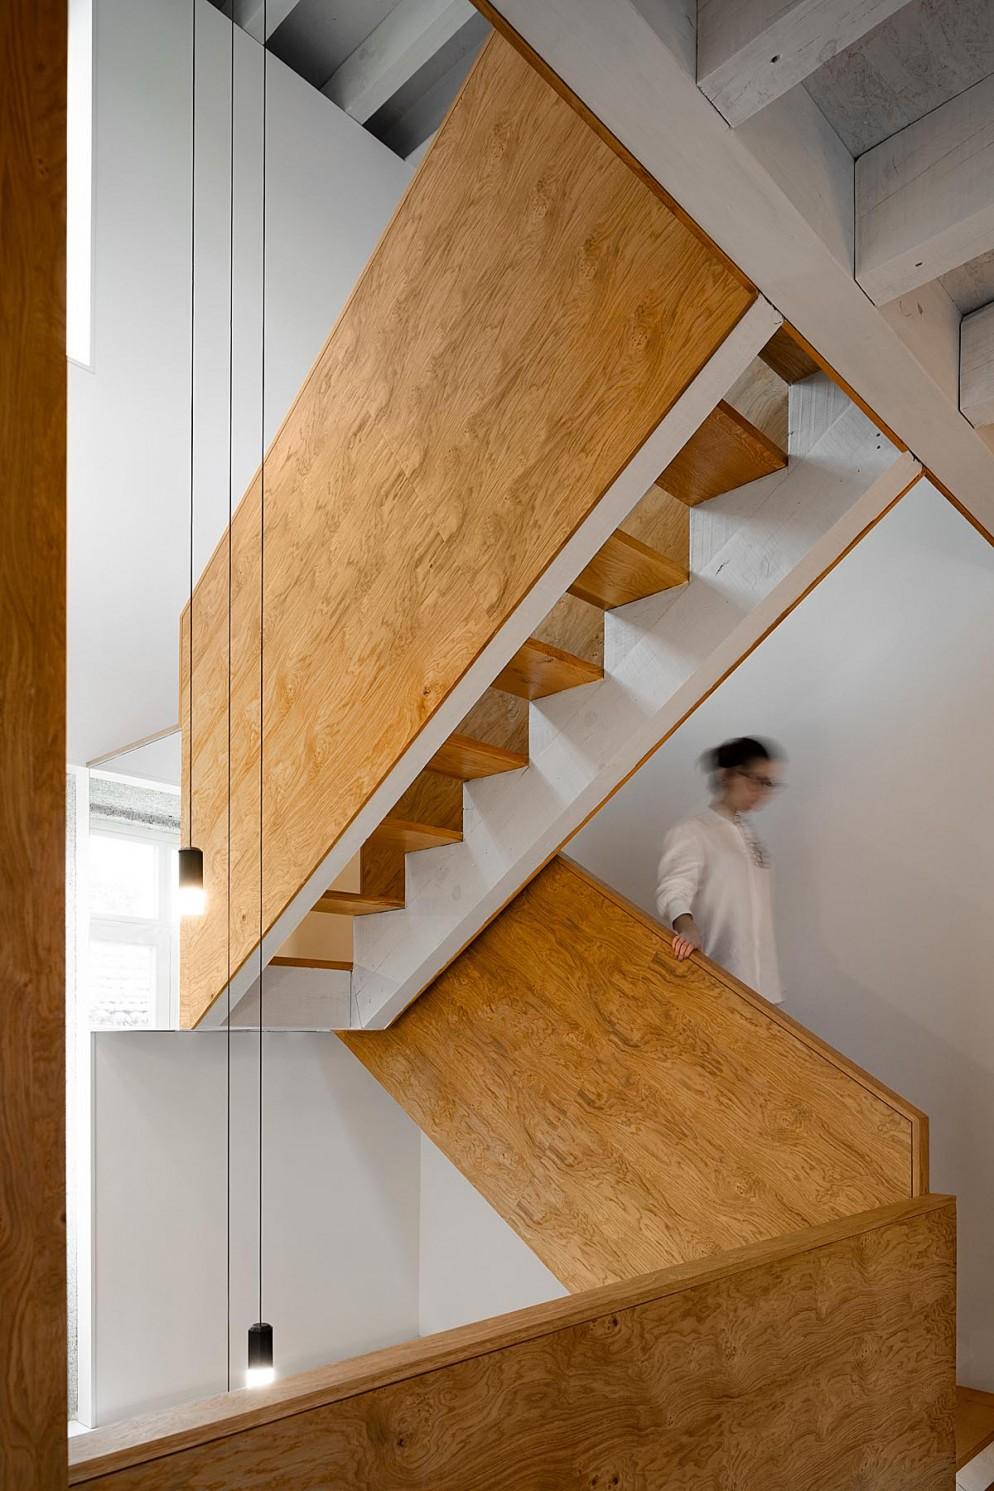 (projeto) em (local) do atelier de arquitetura (arquiteto)